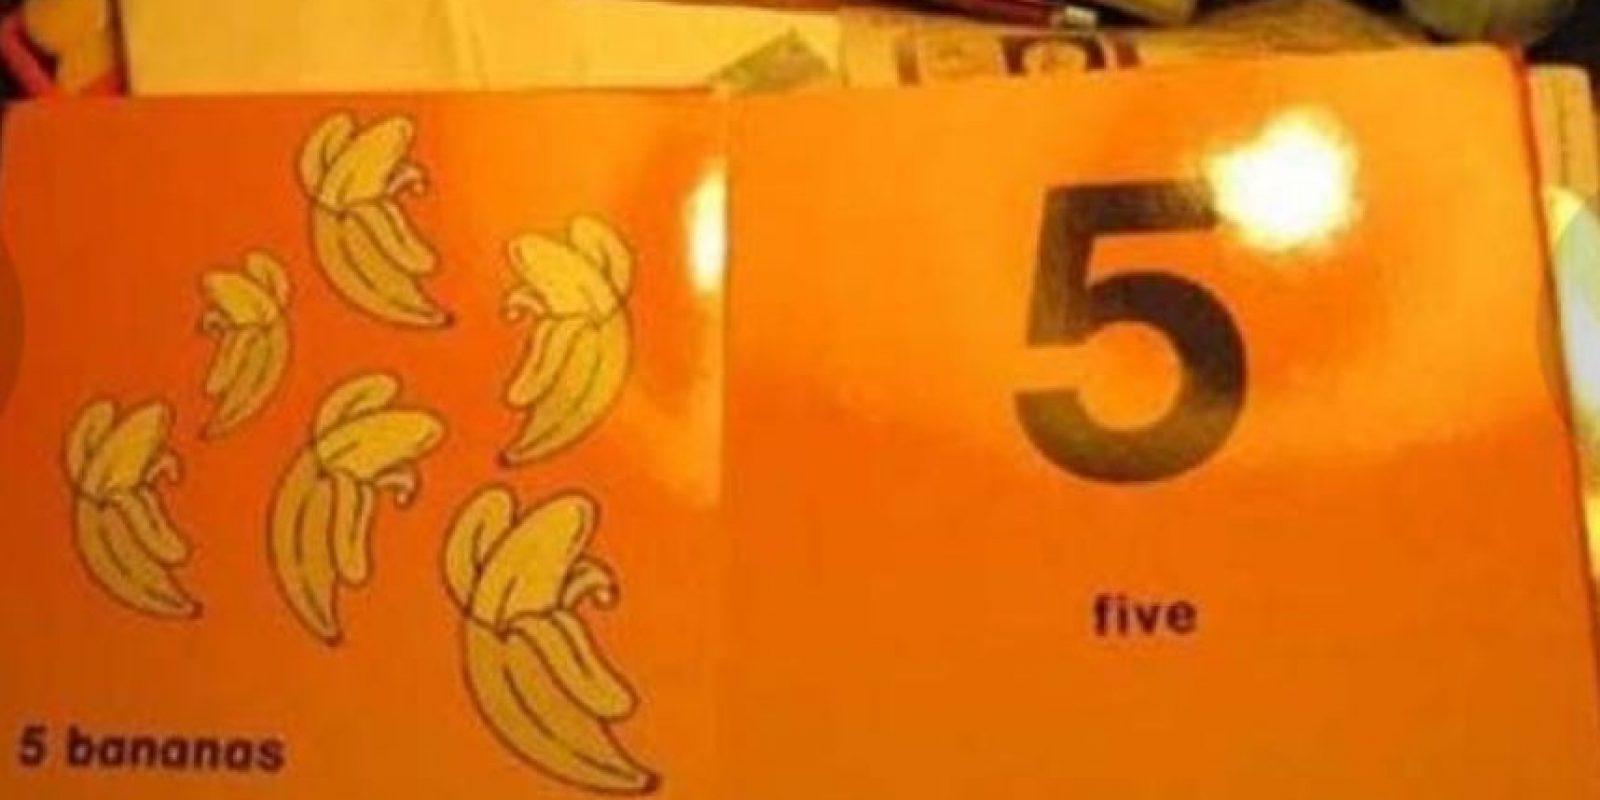 ¿Cinco o seis? Foto:Imgur